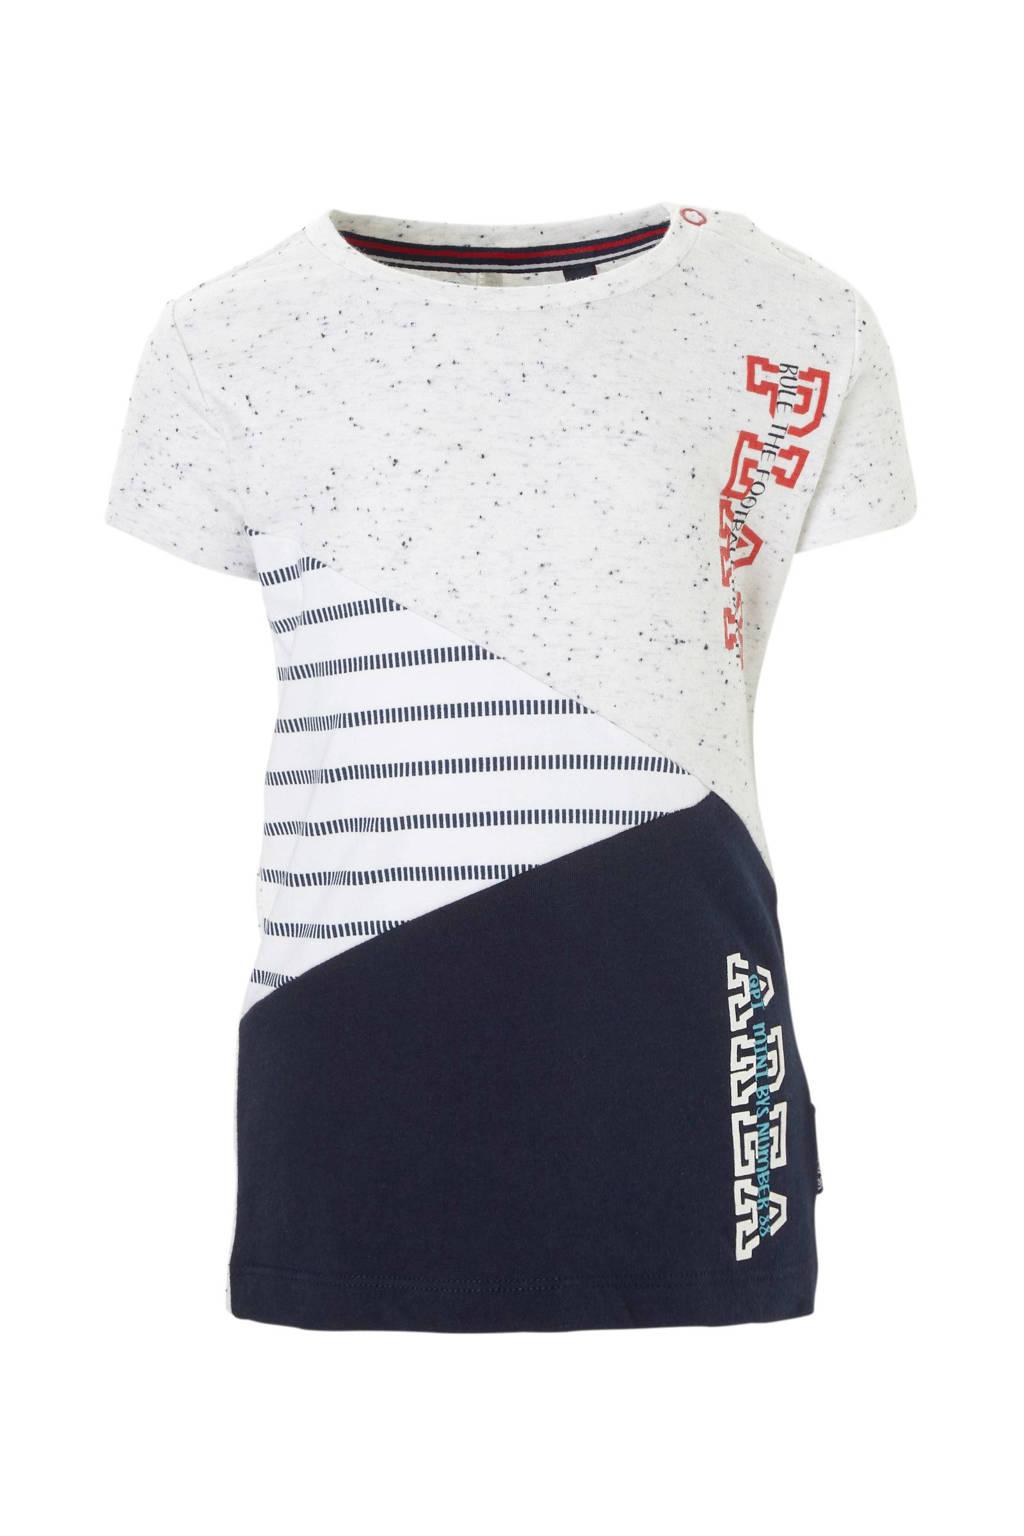 Quapi baby T-shirt met print Rick donkerblauw, Donkerblauw/wit